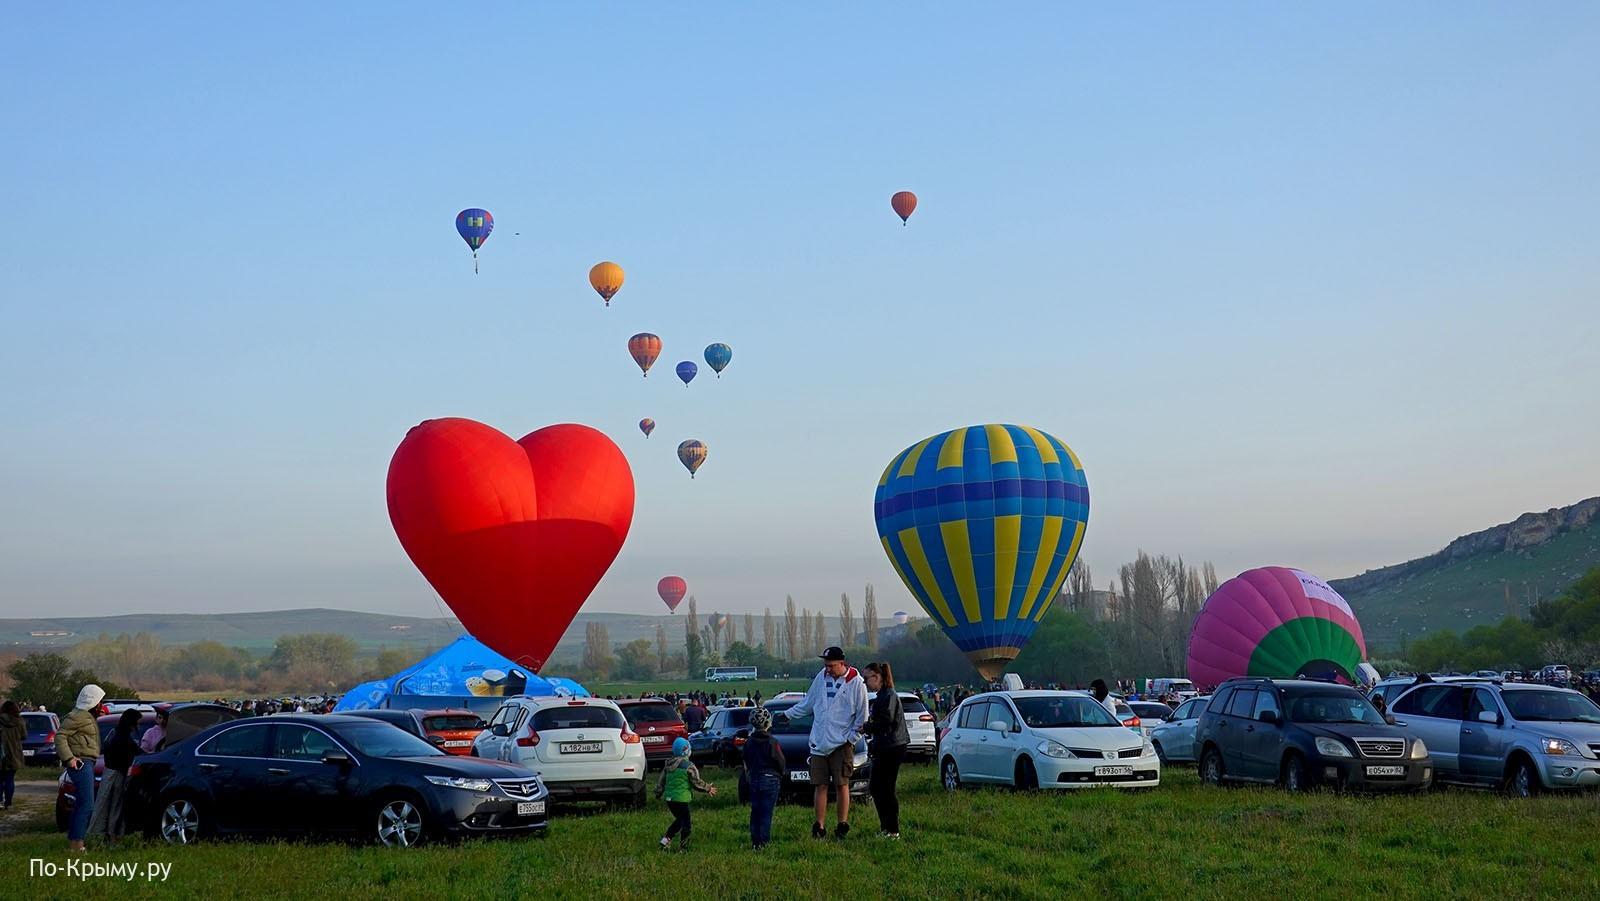 Слет воздухоплавателей в Крыму - фестиваль воздушных шаров